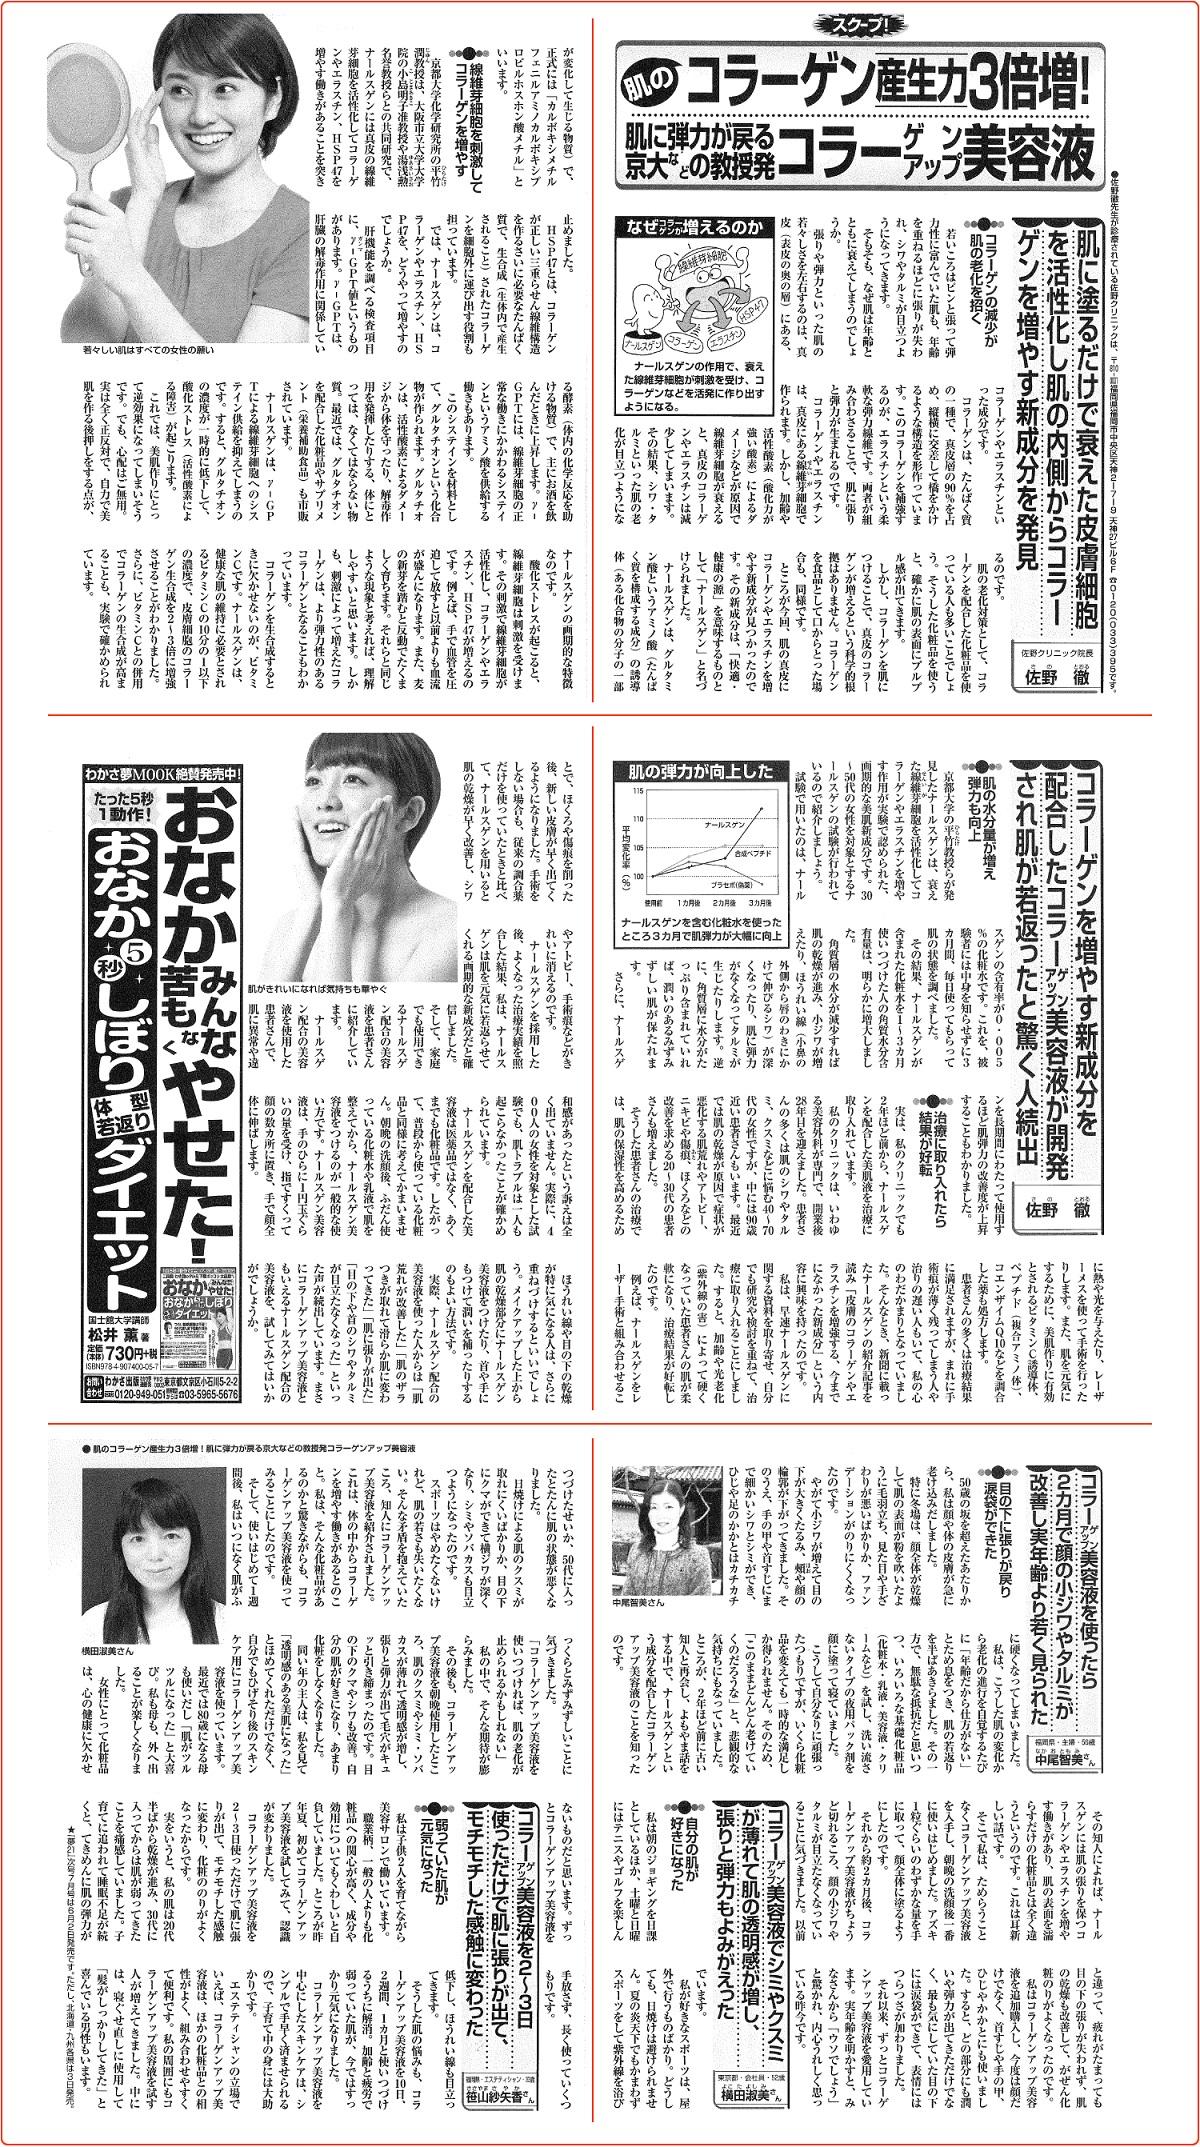 夢21掲載記事